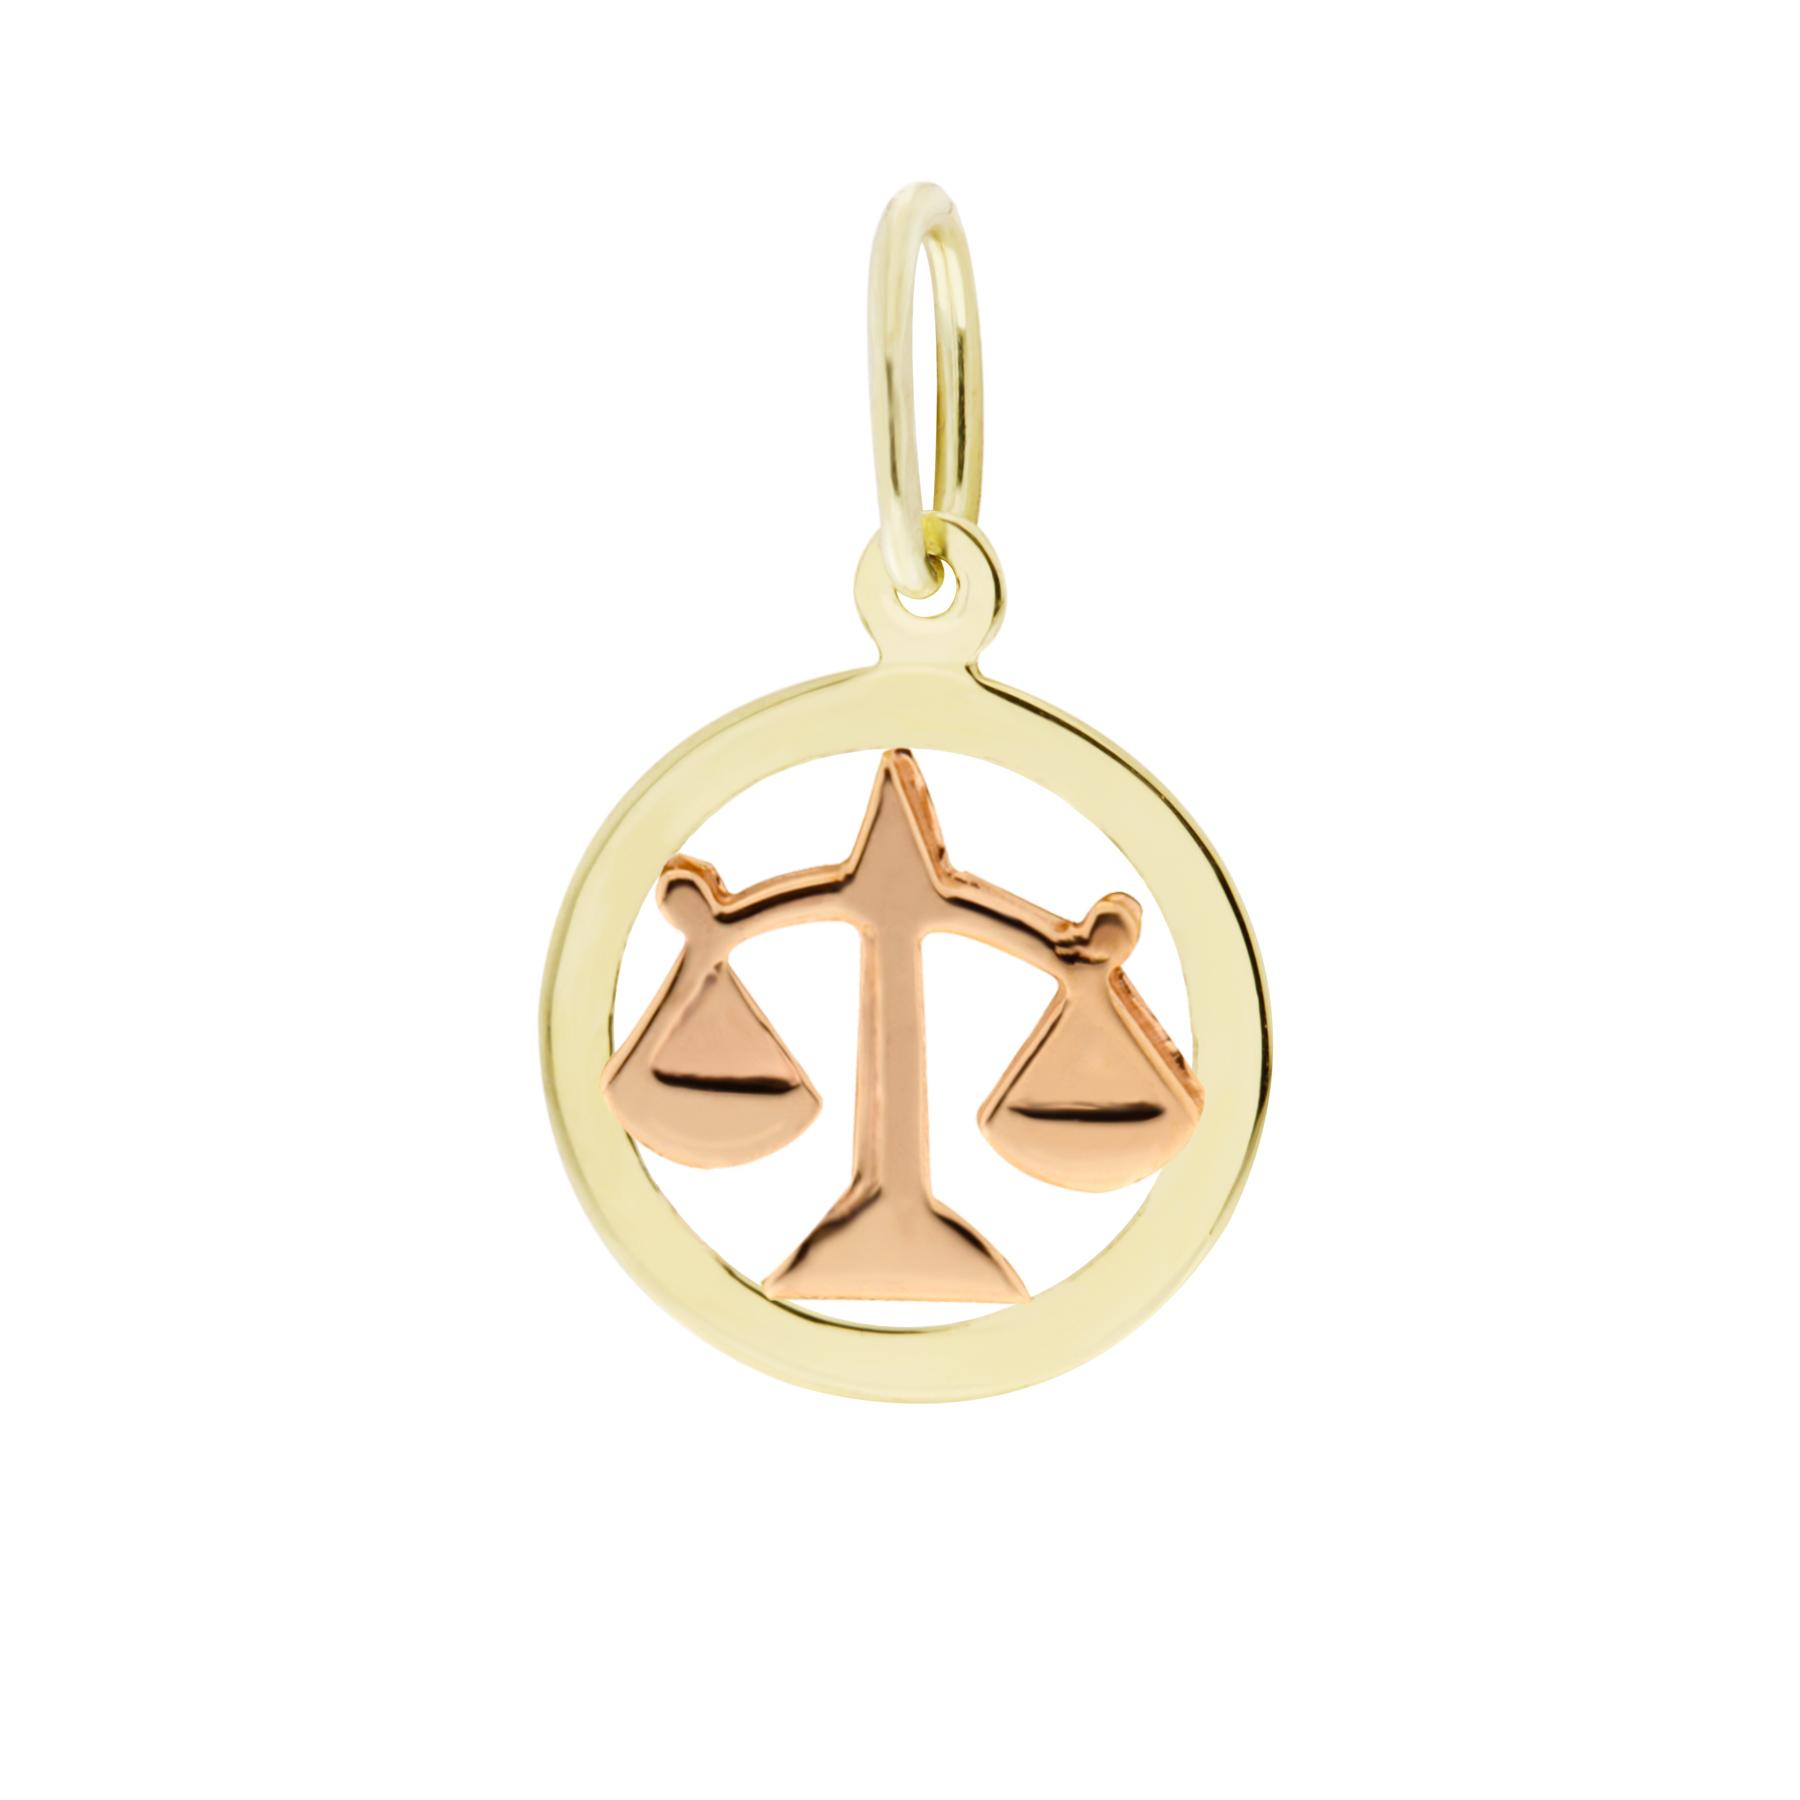 Zlatý přívěsek - znamení zvěrokruhu Váhy Tvar: Kolečko, hladký rámeček